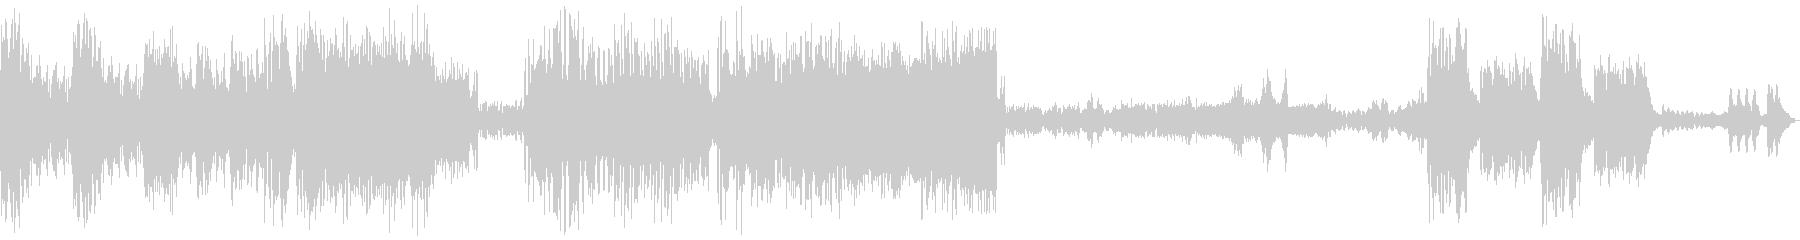 トランペットが活躍する曲です。の未再生の波形